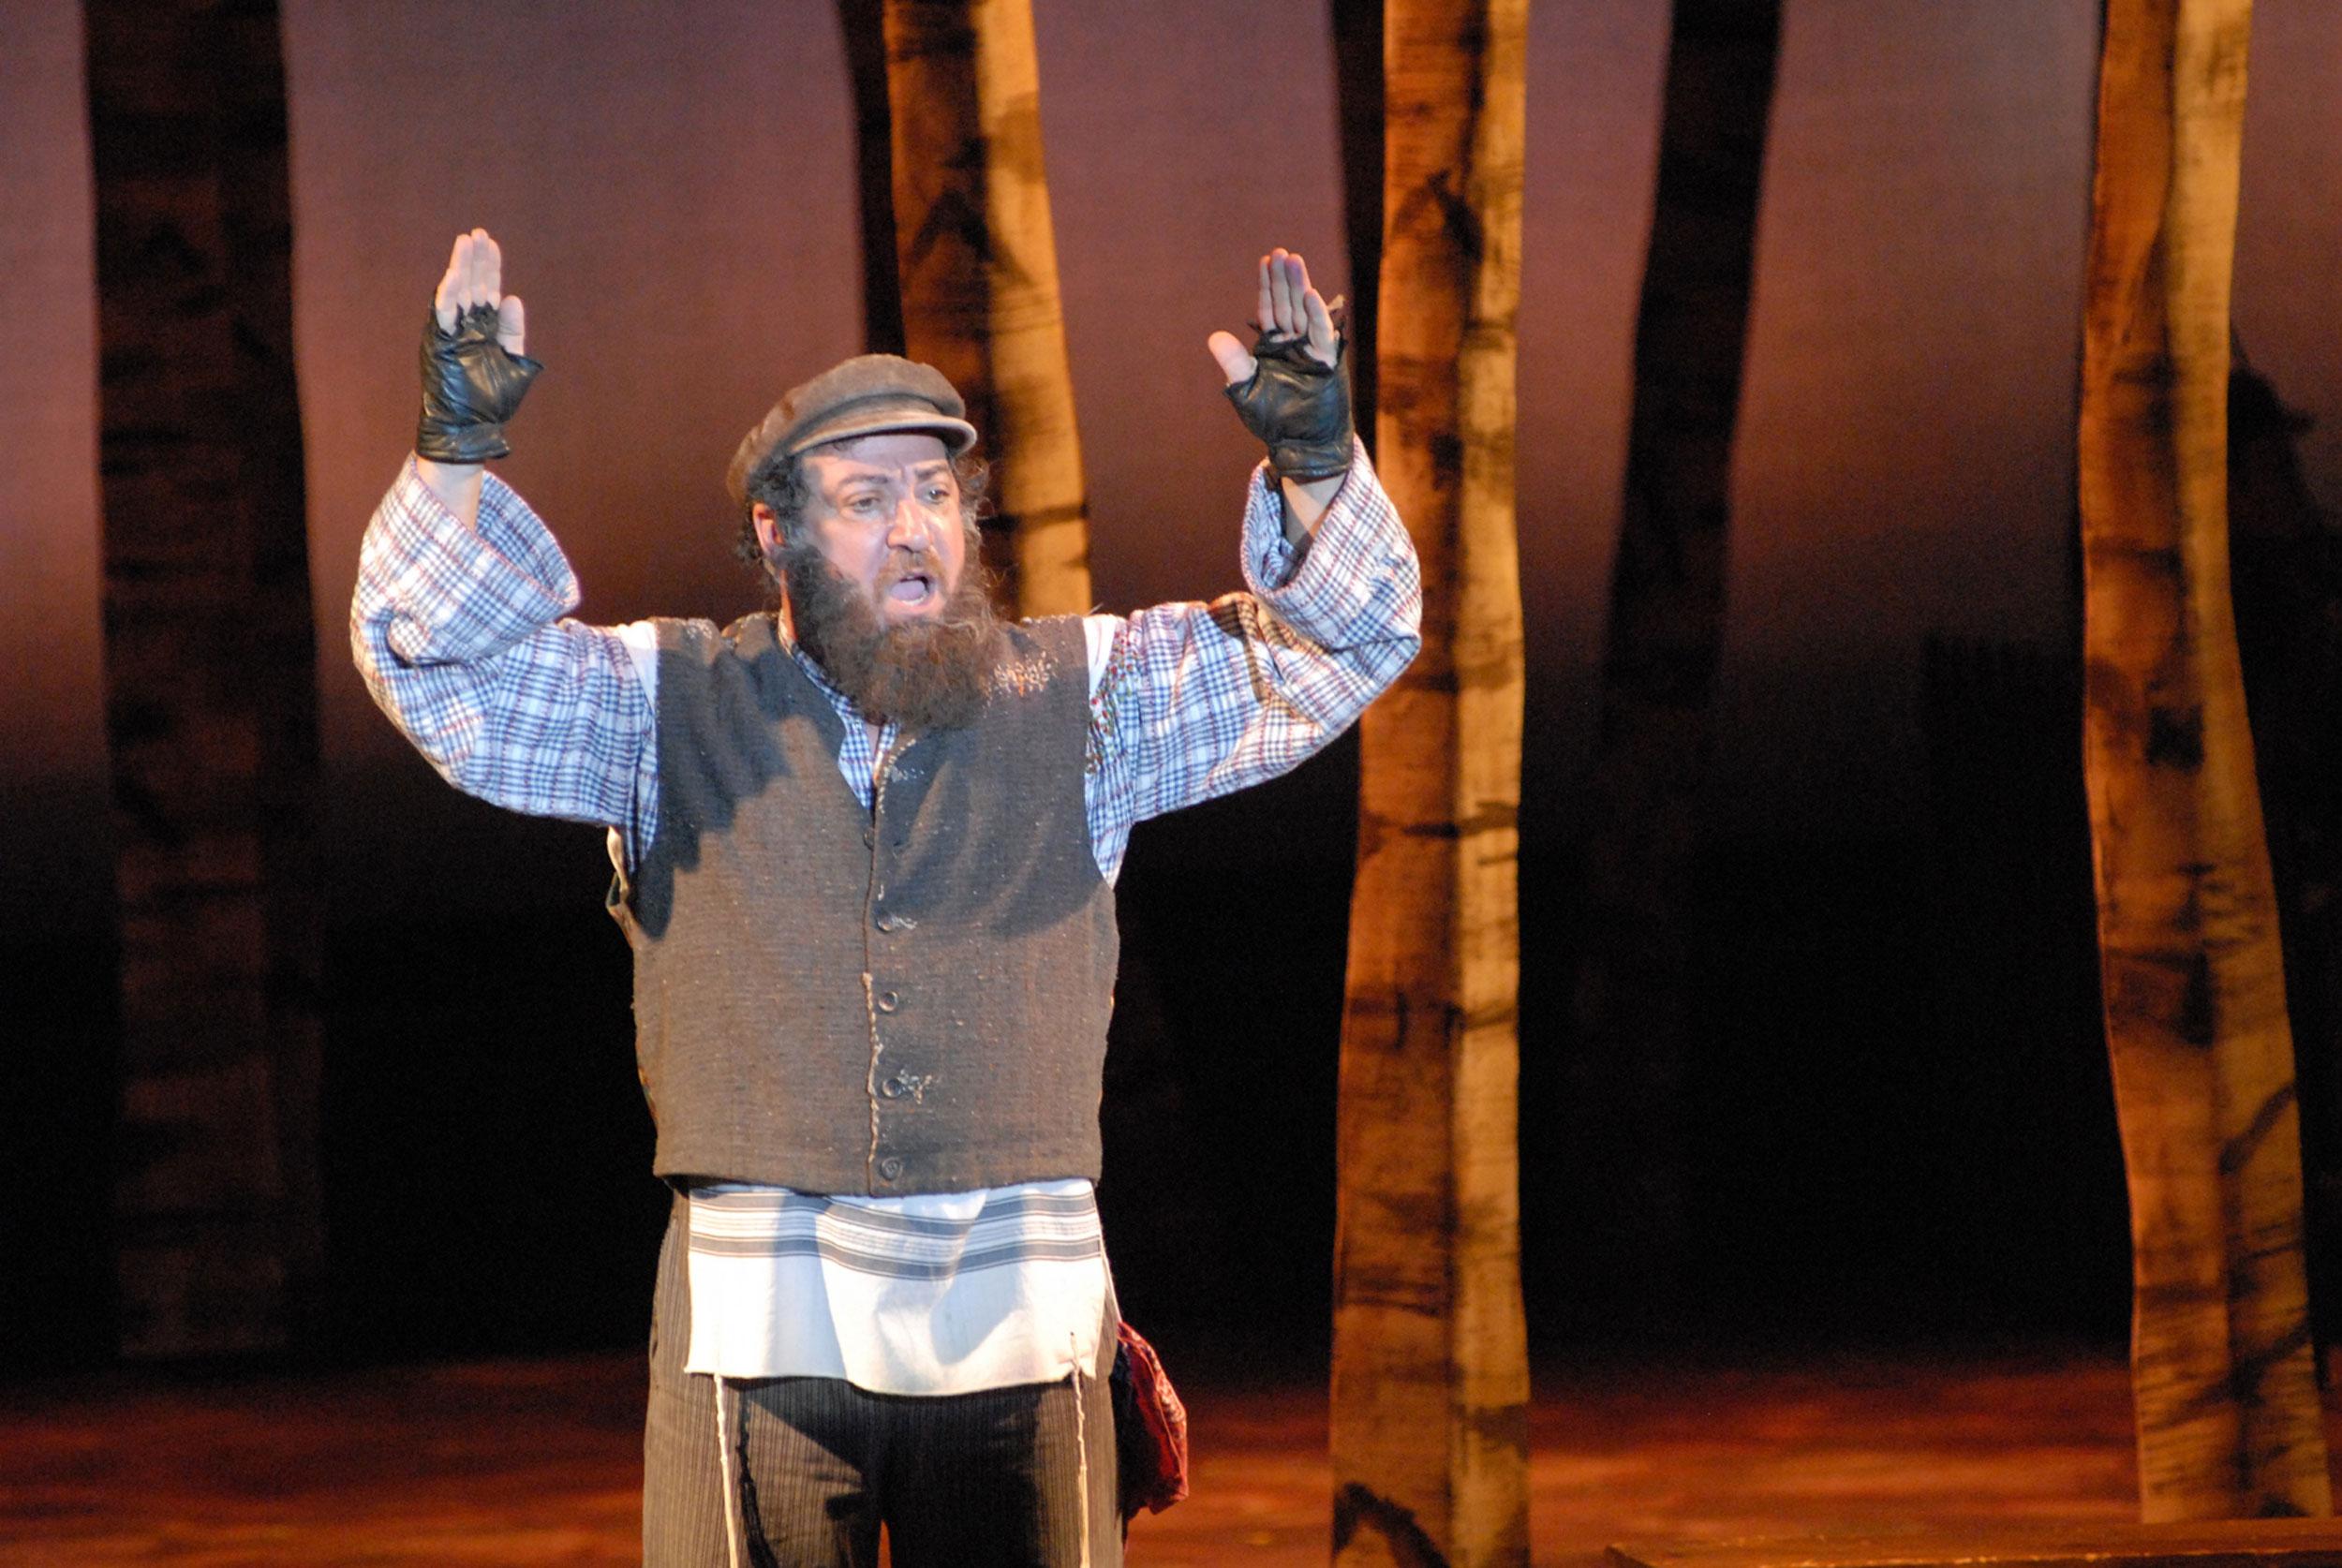 Eddie-Mekka-as-Tevya-in-Fiddler-on-the-Roof-sm.jpg